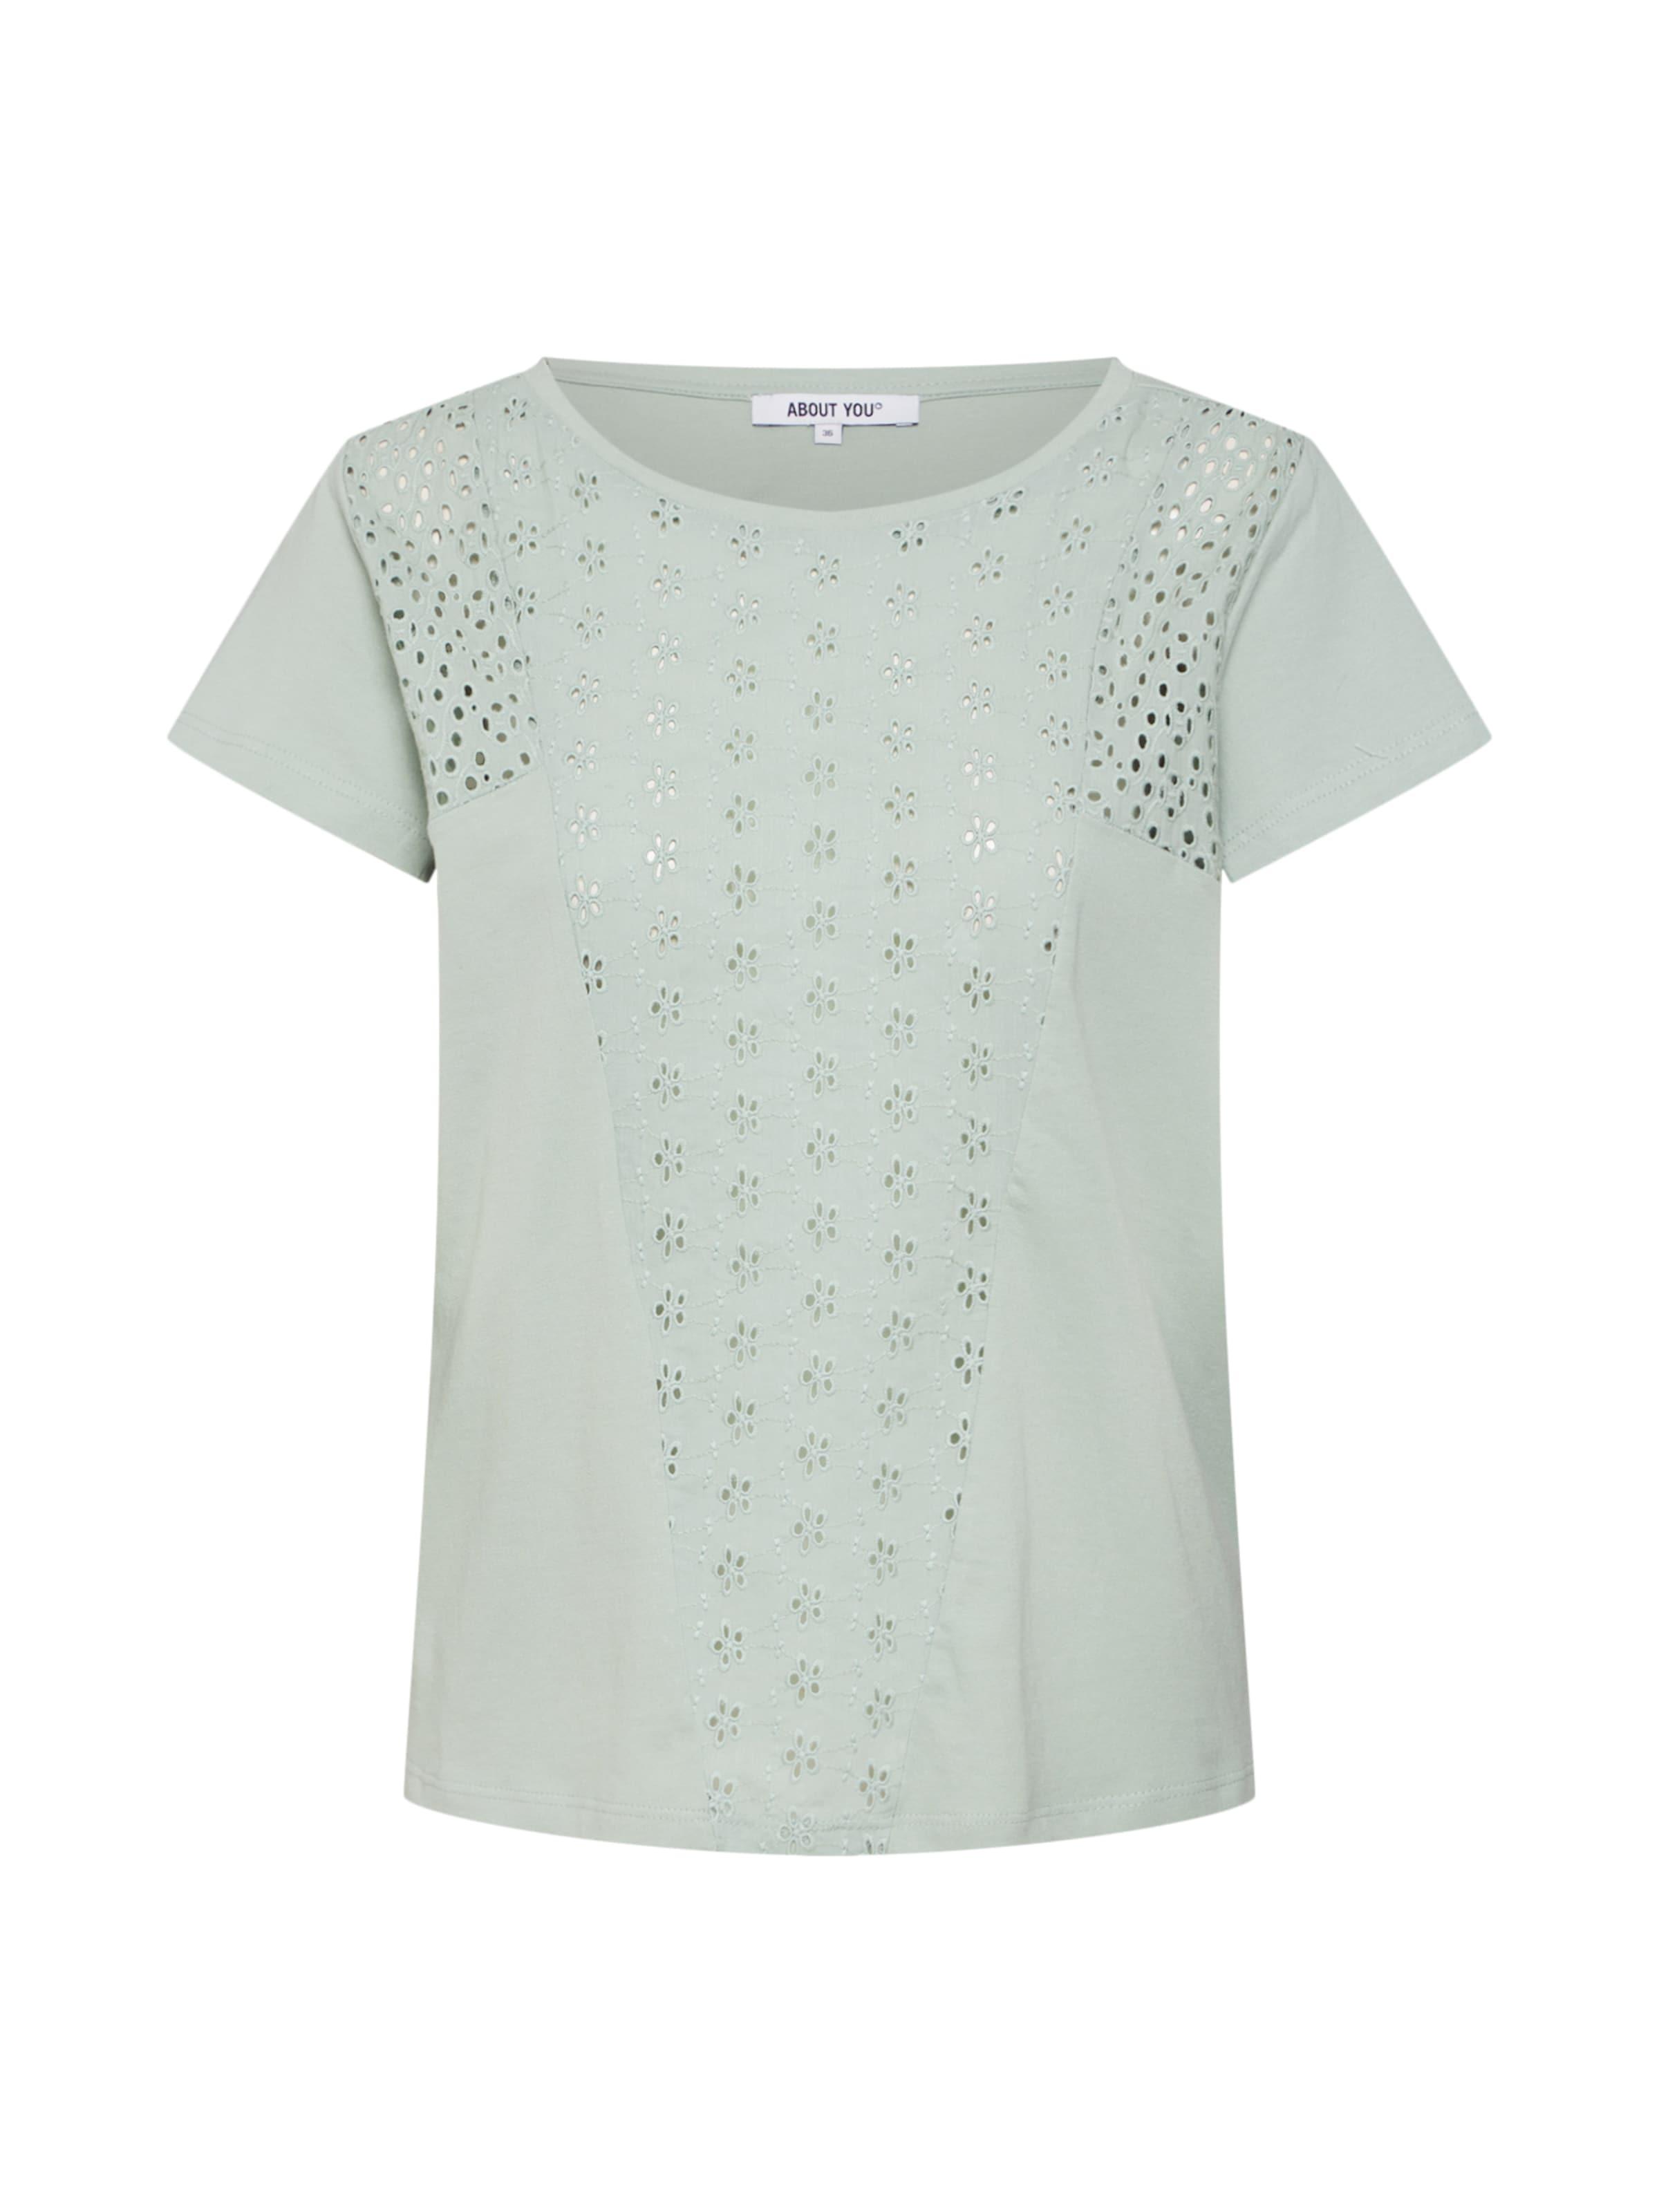 You shirt T En Jade About 'nela' UVzMpSq